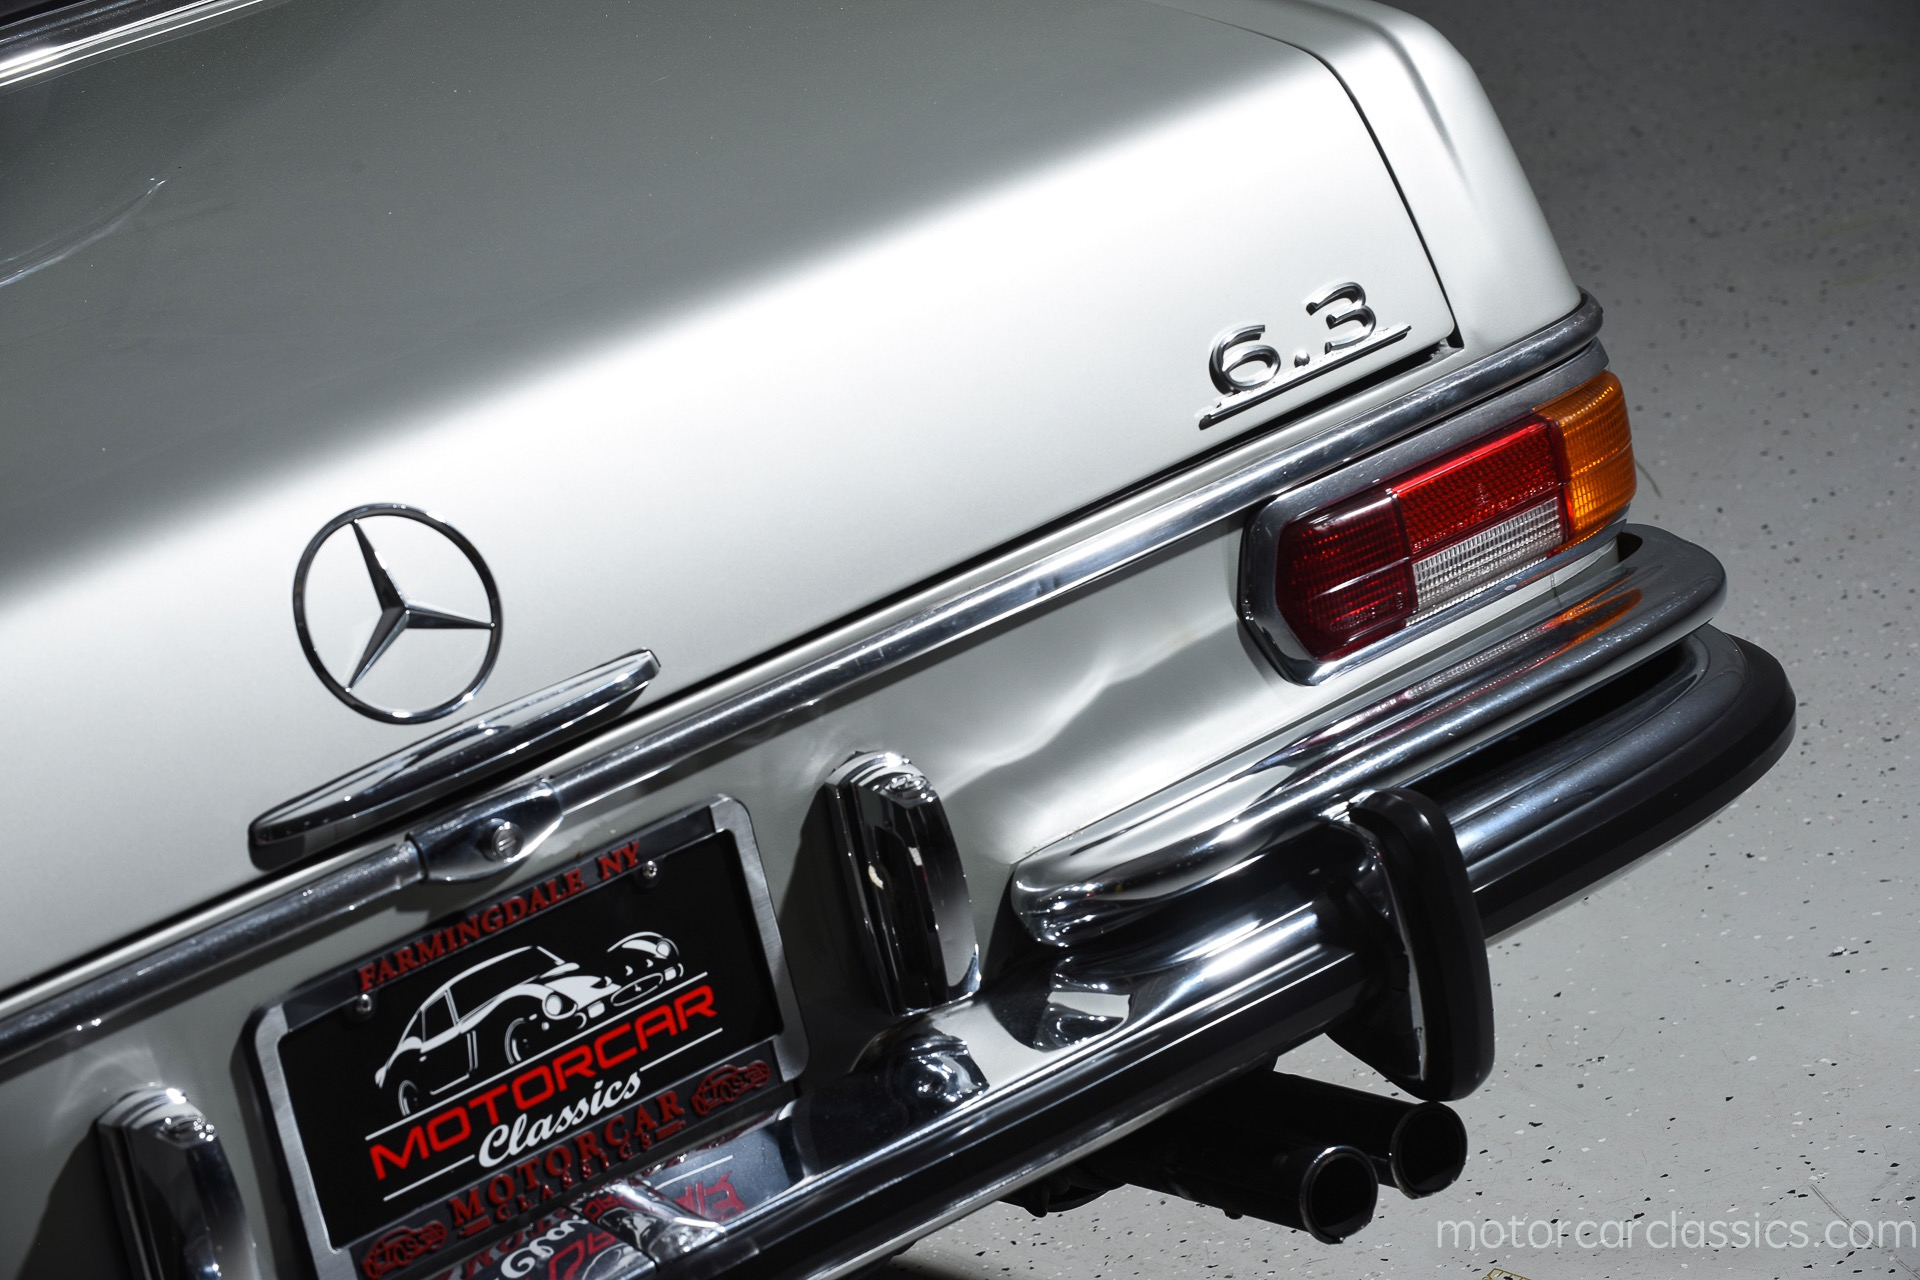 1971 Mercedes-Benz 300SEL